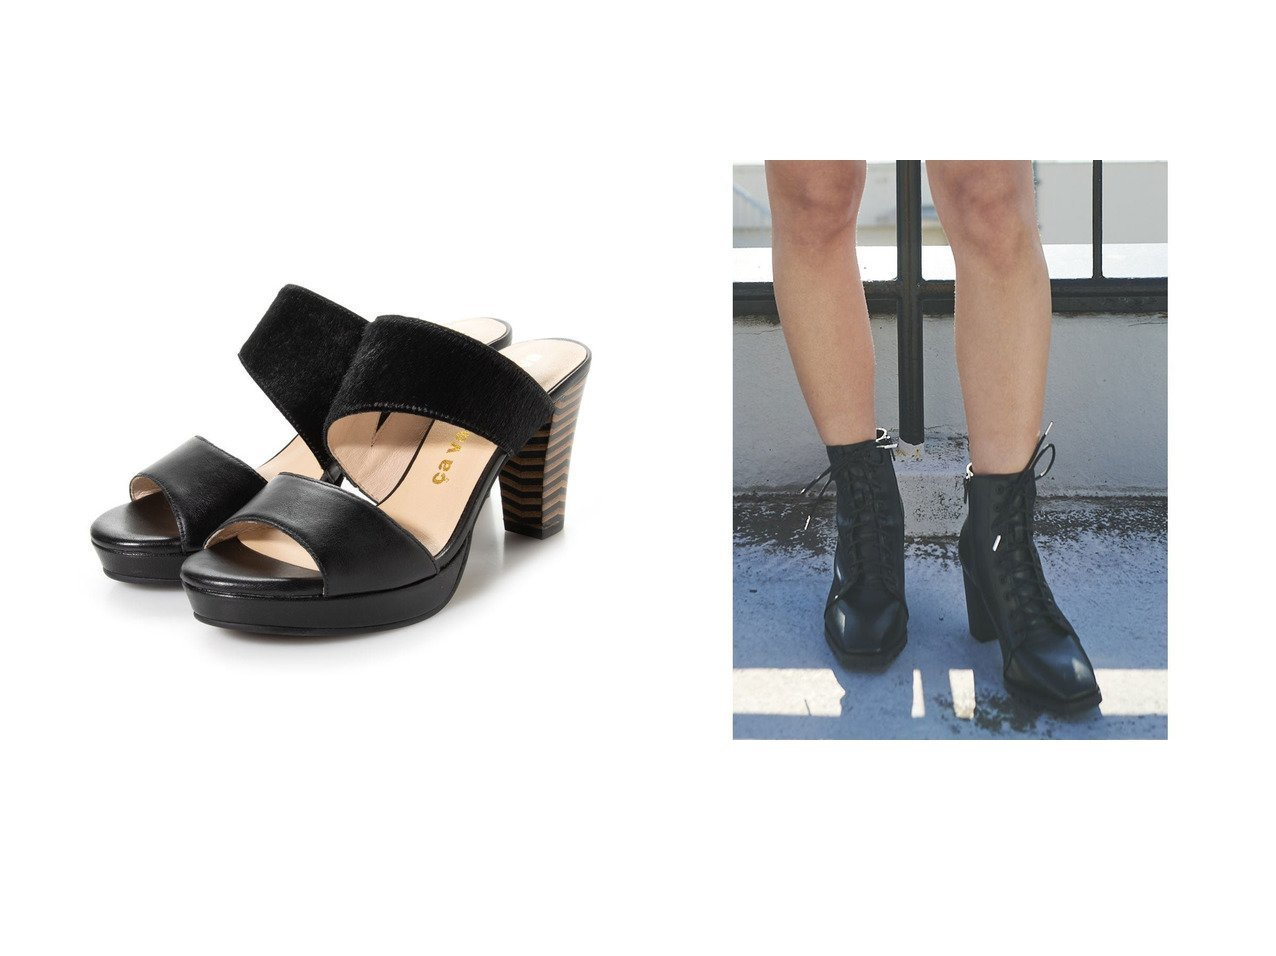 【cava cava/サヴァサヴァ】のストームミュールサンダル&【EGOIST/エゴイスト】のスクエアトゥレースUPブーツ シューズ・靴のおすすめ!人気、トレンド・レディースファッションの通販  おすすめで人気の流行・トレンド、ファッションの通販商品 メンズファッション・キッズファッション・インテリア・家具・レディースファッション・服の通販 founy(ファニー) https://founy.com/ ファッション Fashion レディースファッション WOMEN 2020年 2020 2020 春夏 S/S SS Spring/Summer 2020 S/S 春夏 SS Spring/Summer ウッド 春 Spring 2021年 2021 2021-2022 秋冬 A/W AW Autumn/Winter / FW Fall-Winter 2021-2022 A/W 秋冬 AW Autumn/Winter / FW Fall-Winter ショート スタイリッシュ ダウン ヌーディ レース 定番 Standard  ID:crp329100000015633